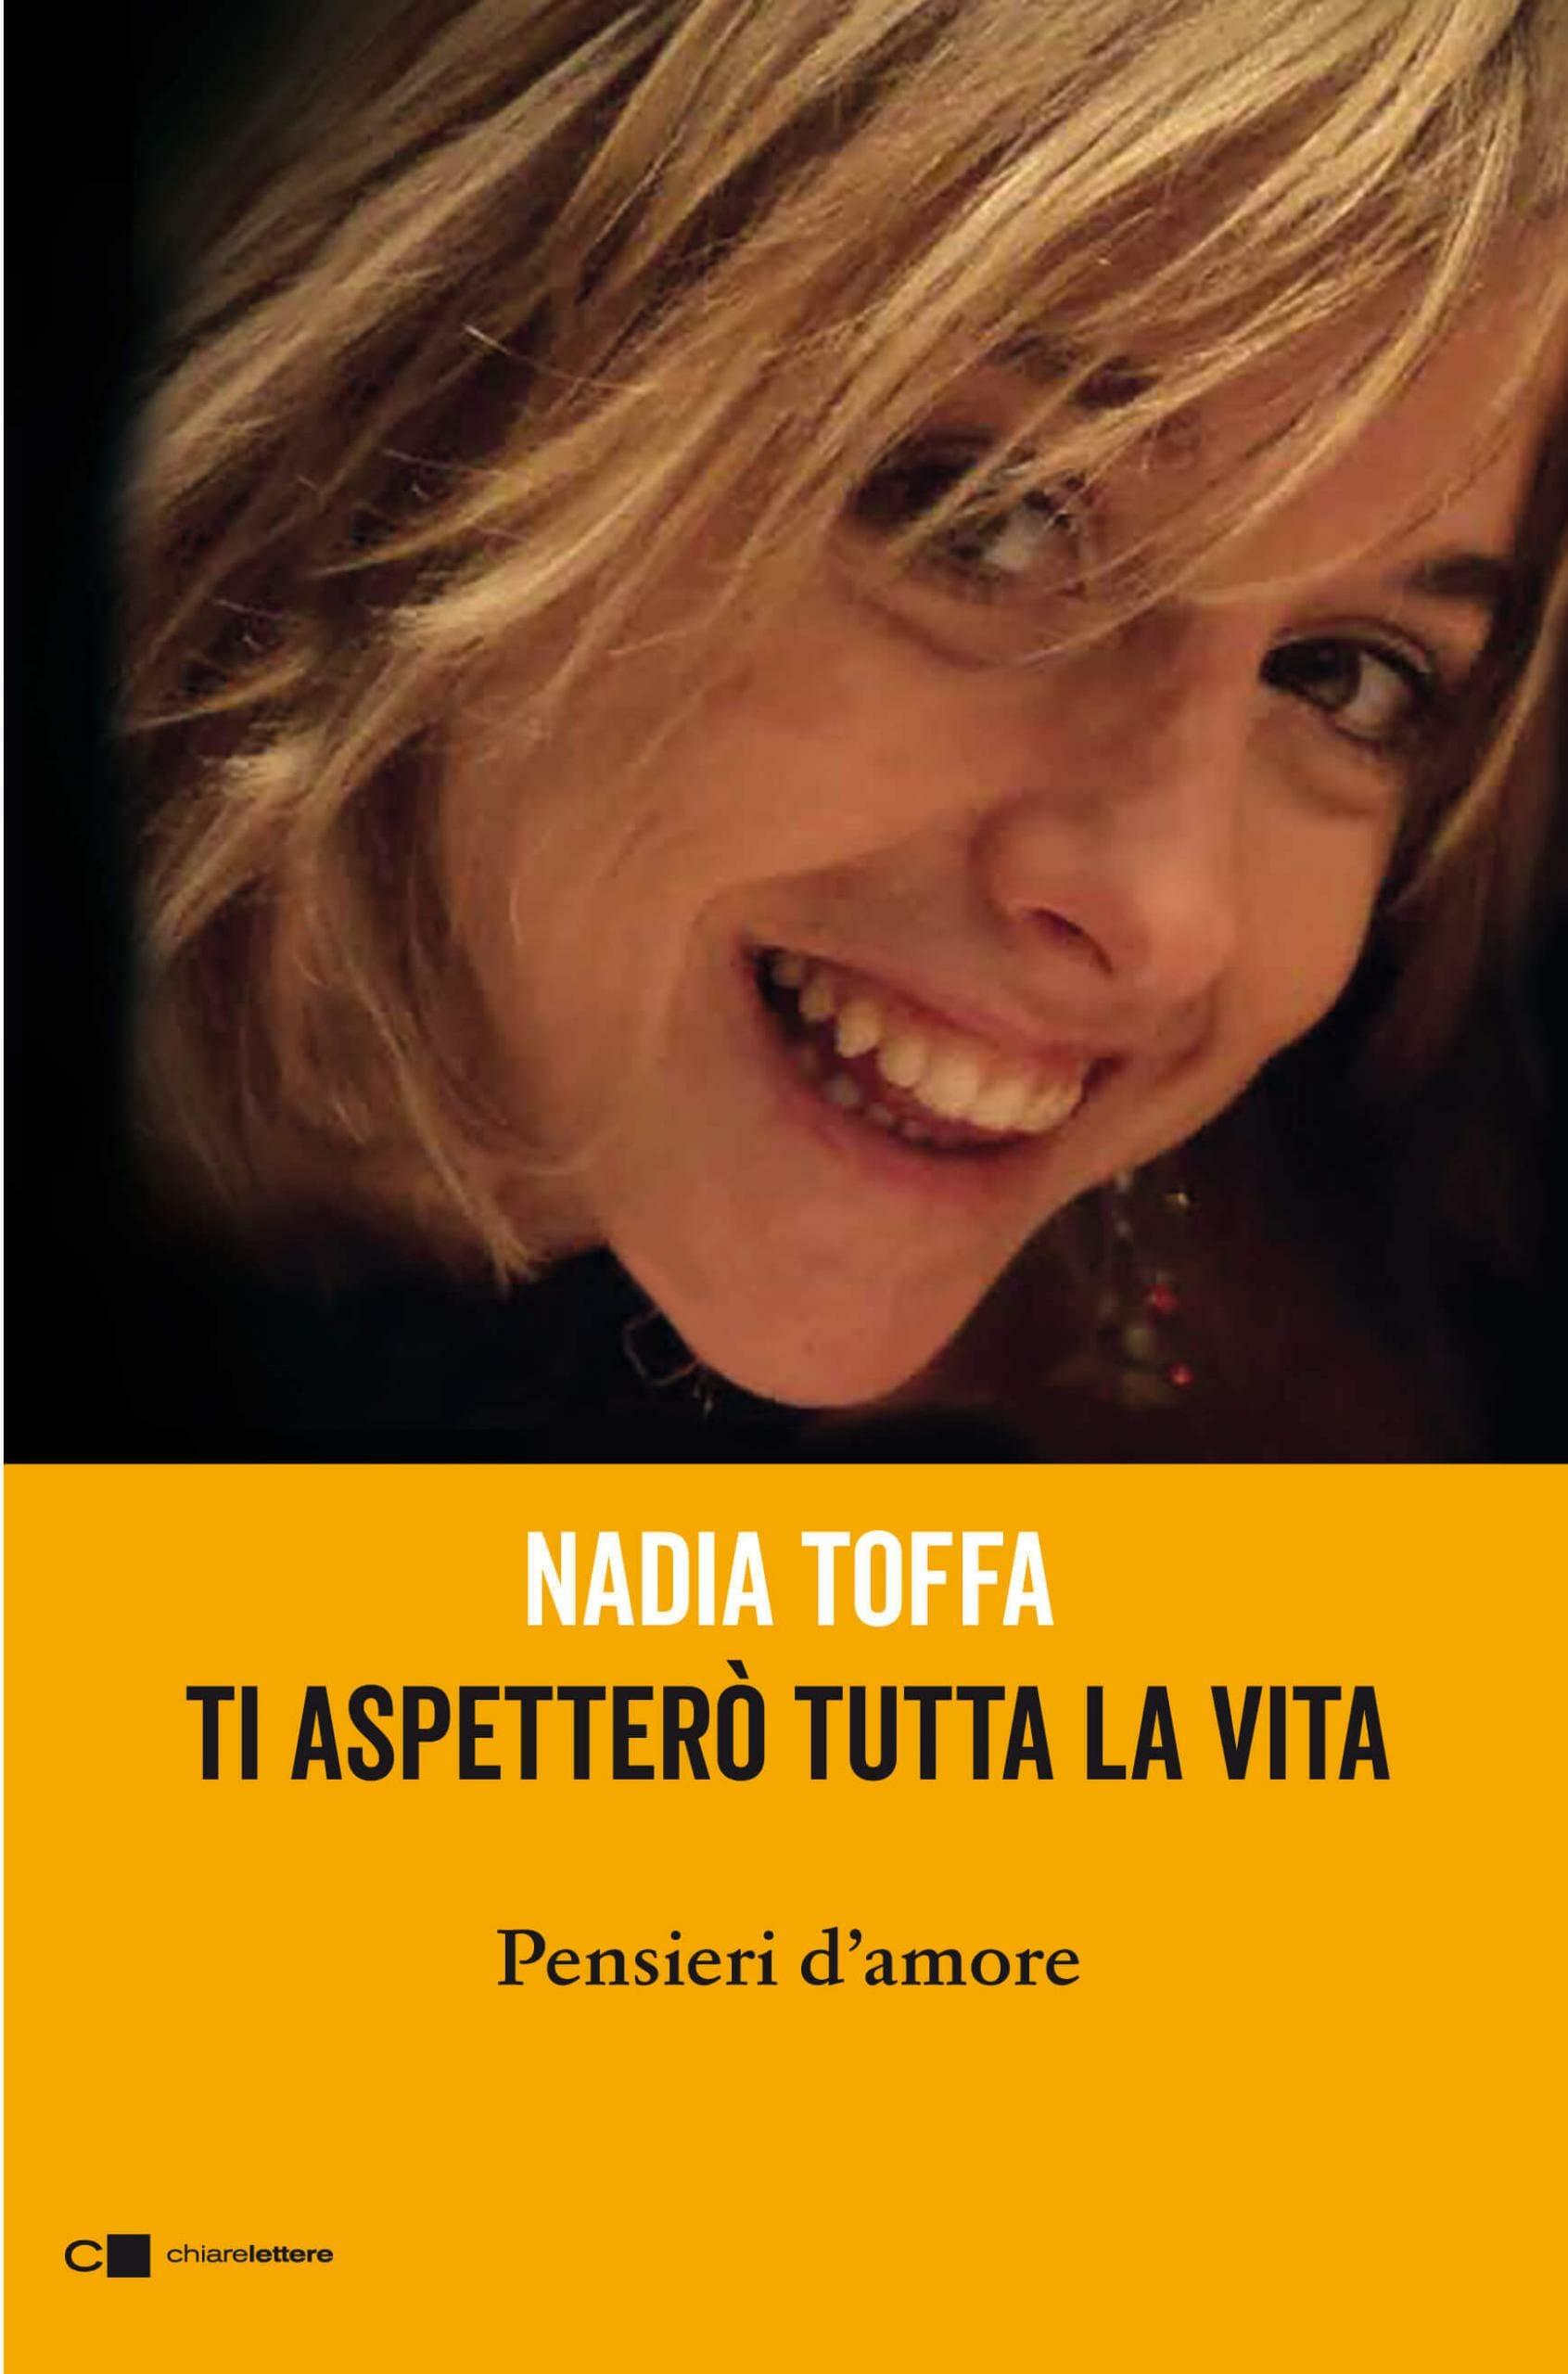 copertina del libro ti aspetterò tutta la vita di Nadia toffa